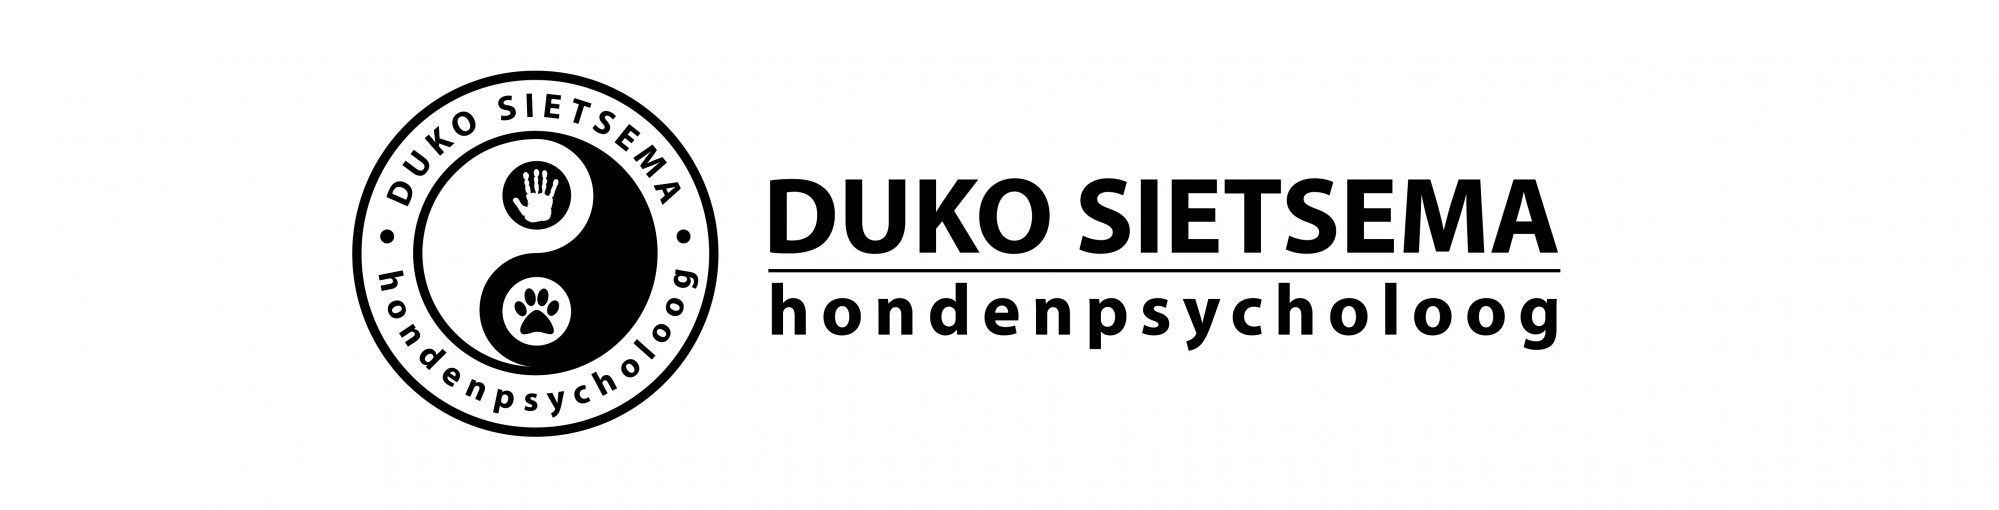 Duko Sietsema